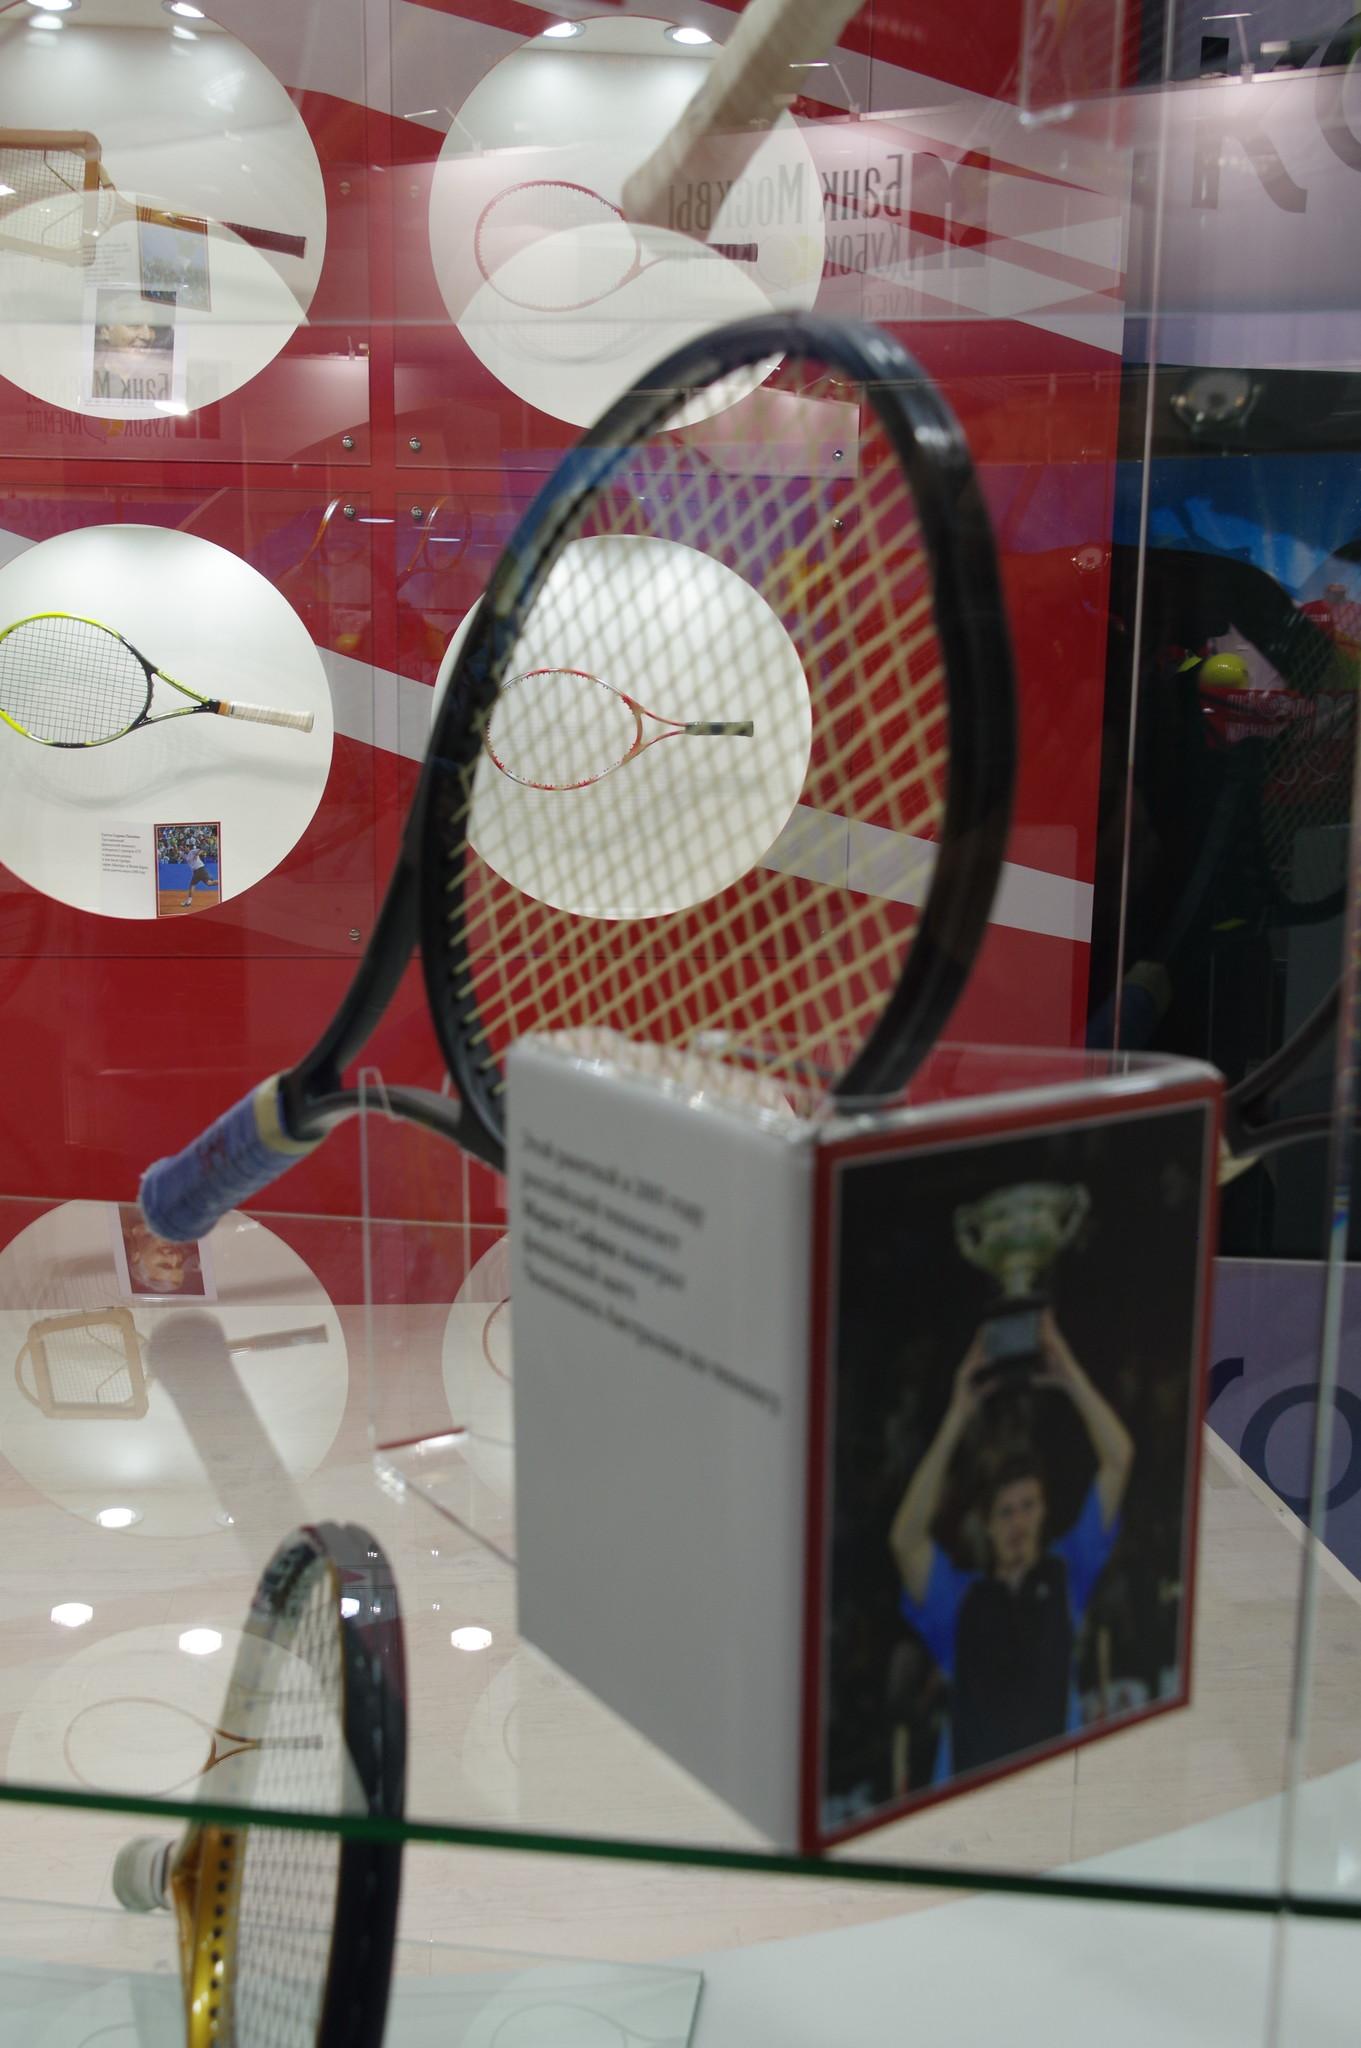 Этой ракеткой в 2005 году Марат Сафин выиграл финальный матч Чемпионата Австралии по теннису